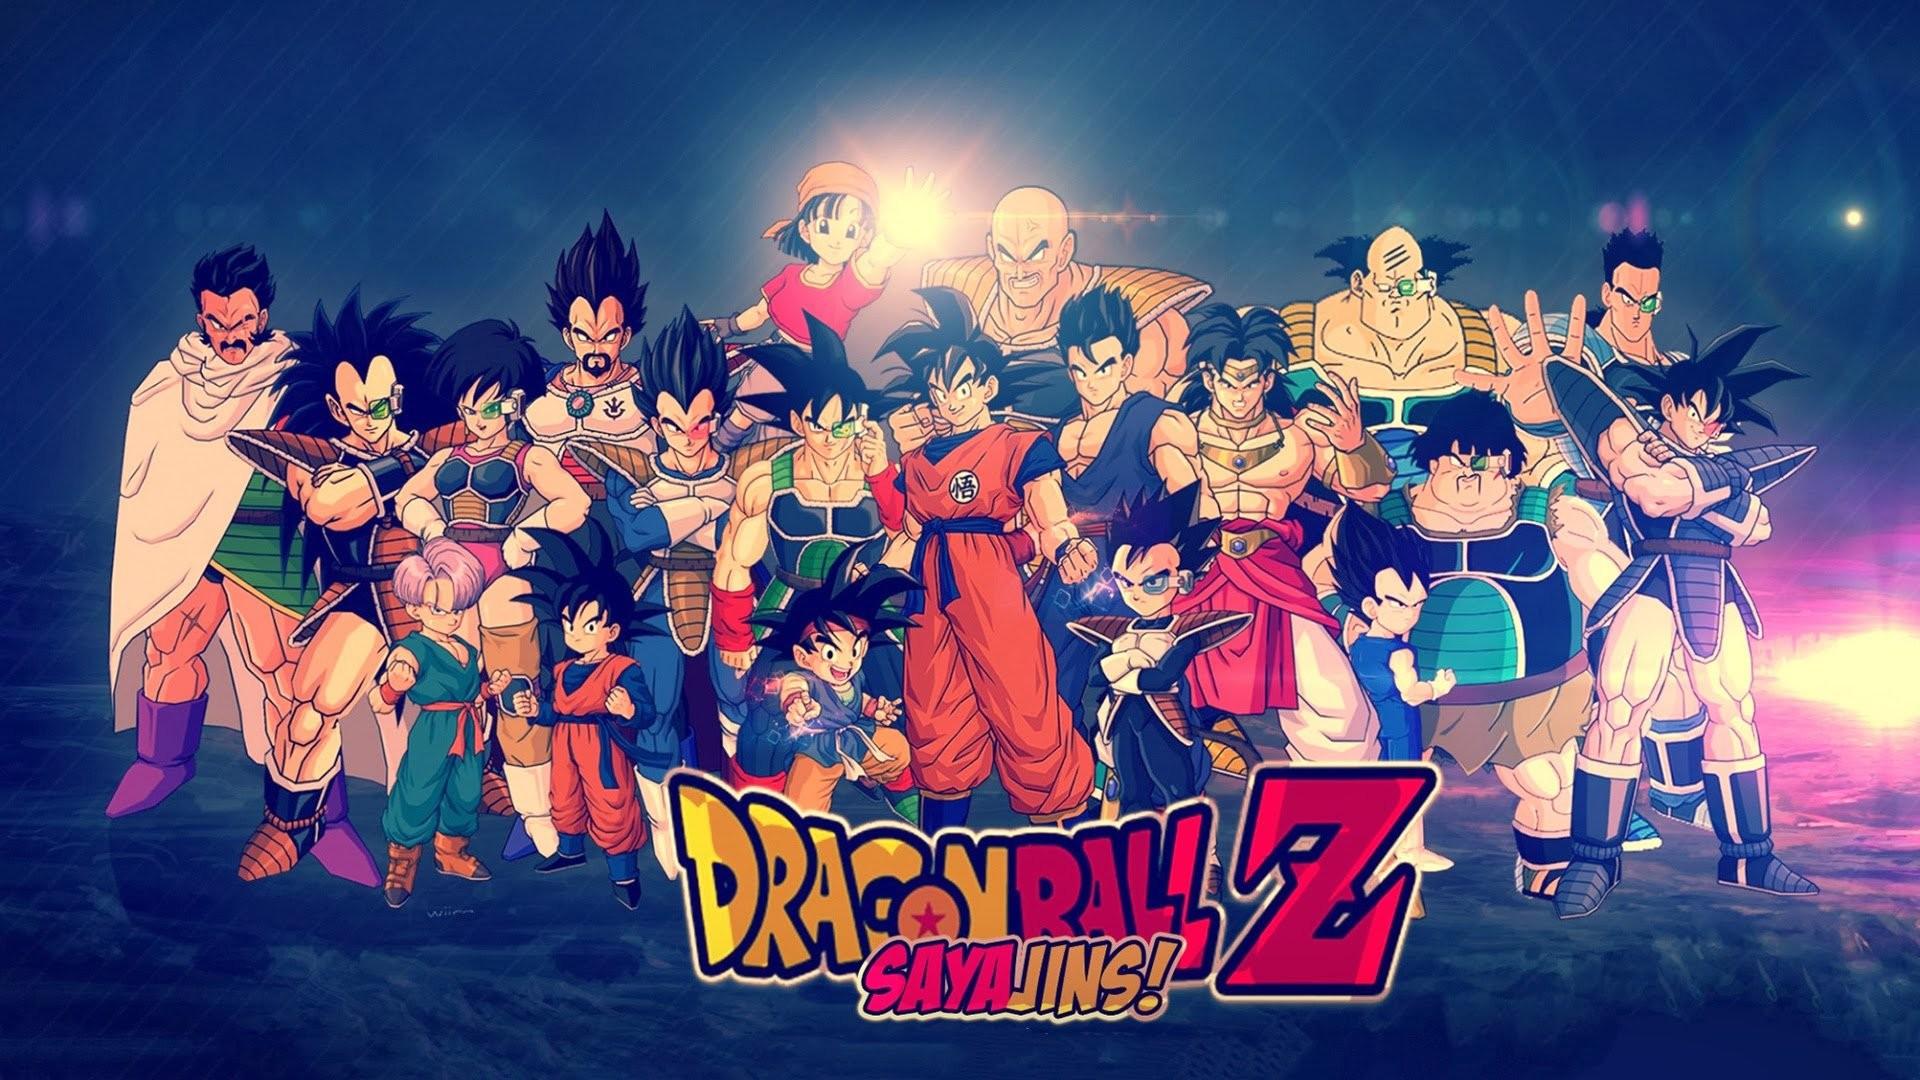 Dragon Ball Z Hd Wallpaper Wallpapertag